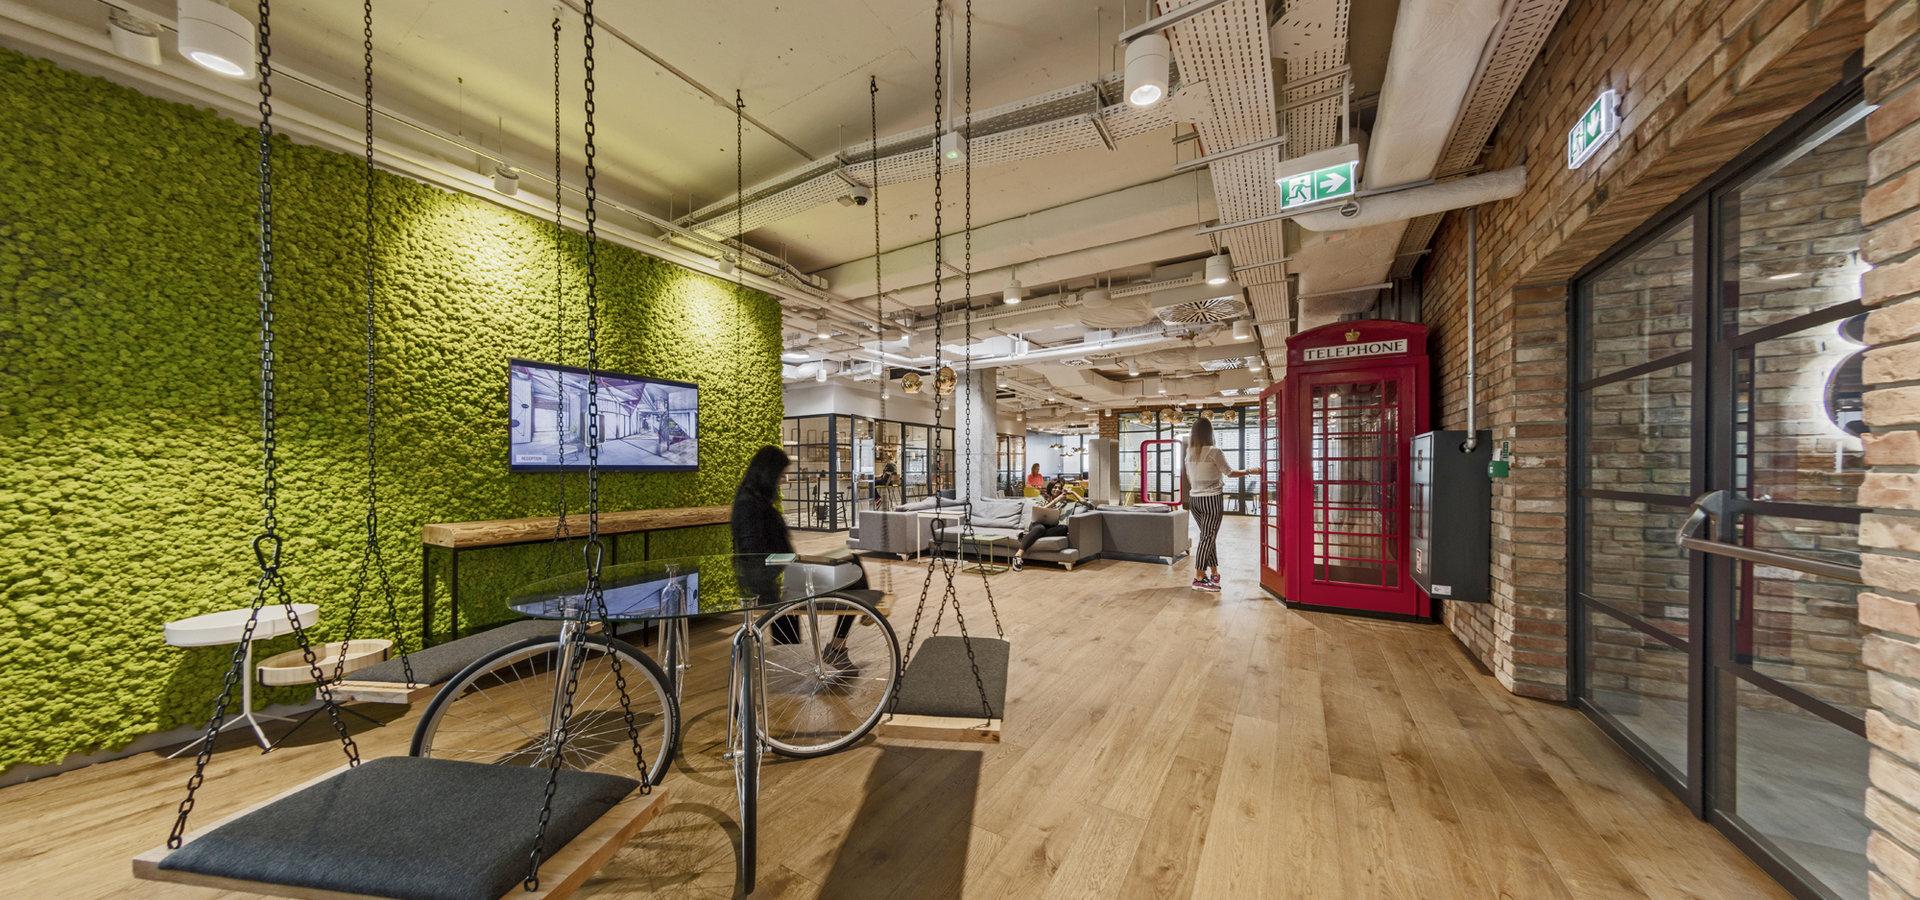 Adgar Poland otwiera nową część kreatywnej przestrzeni biurowej - Brain Embassy